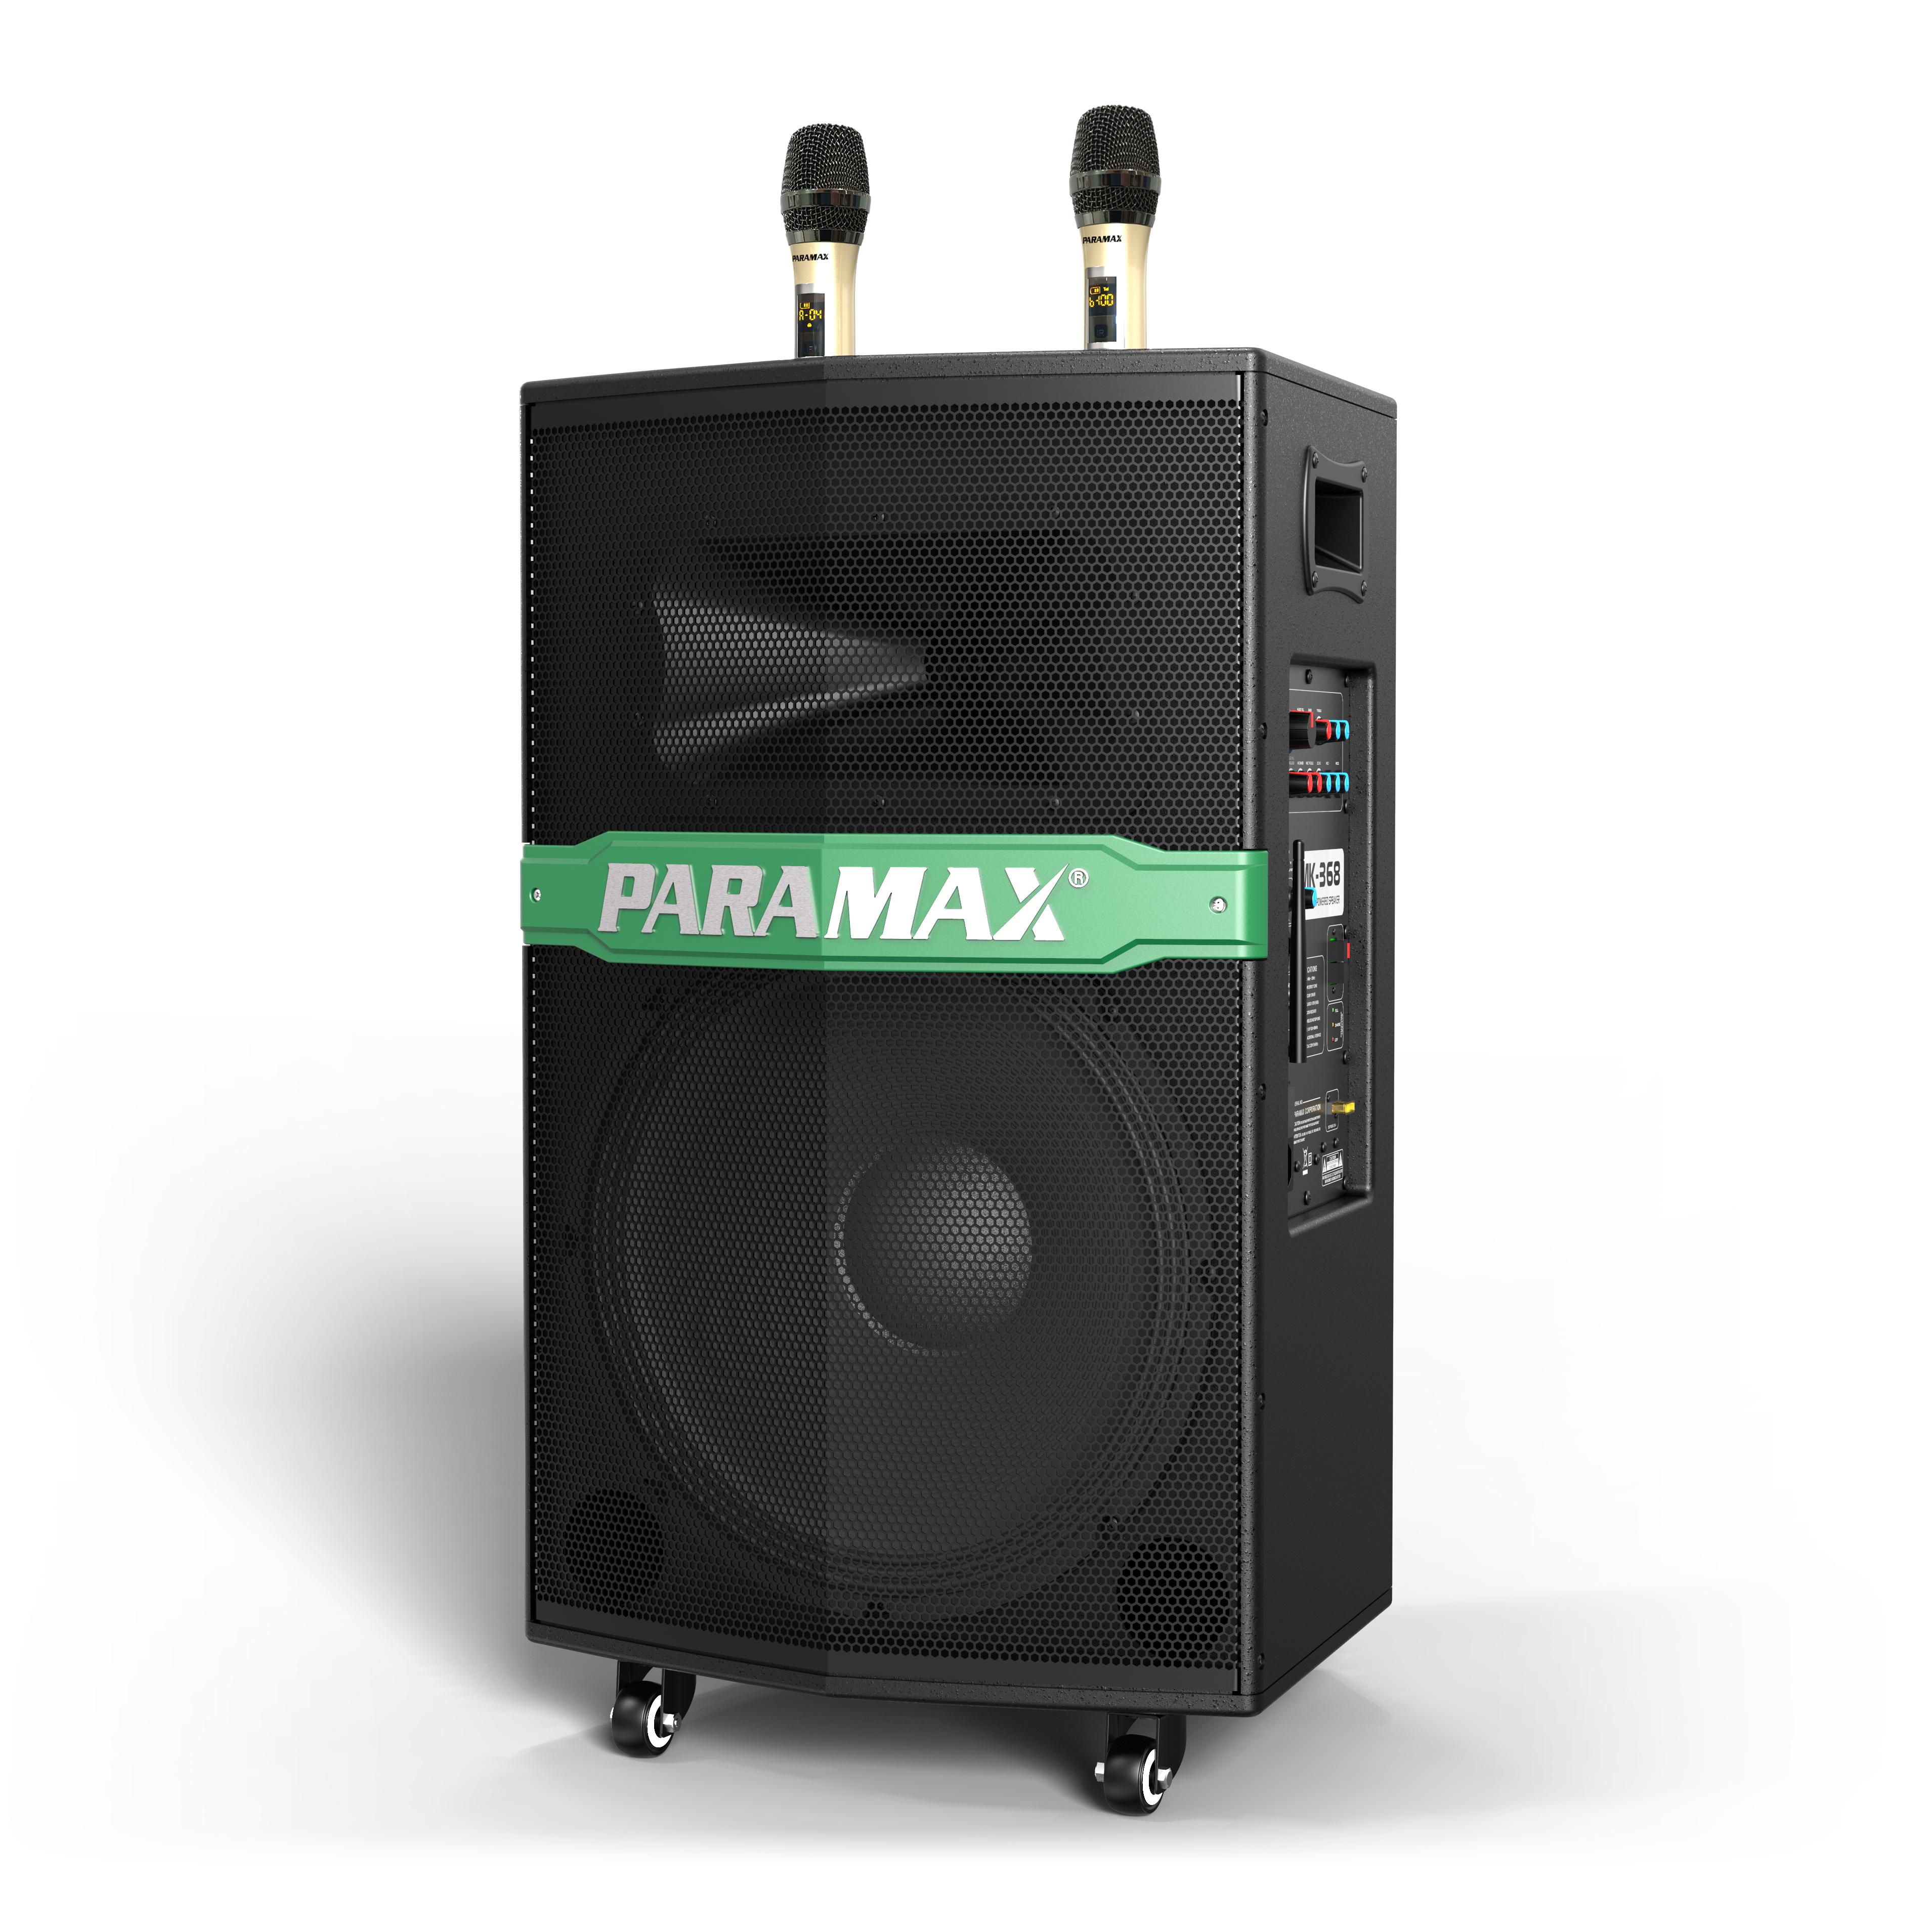 Loa kéo di động Paramax MK-368  -Hàng chính hãng